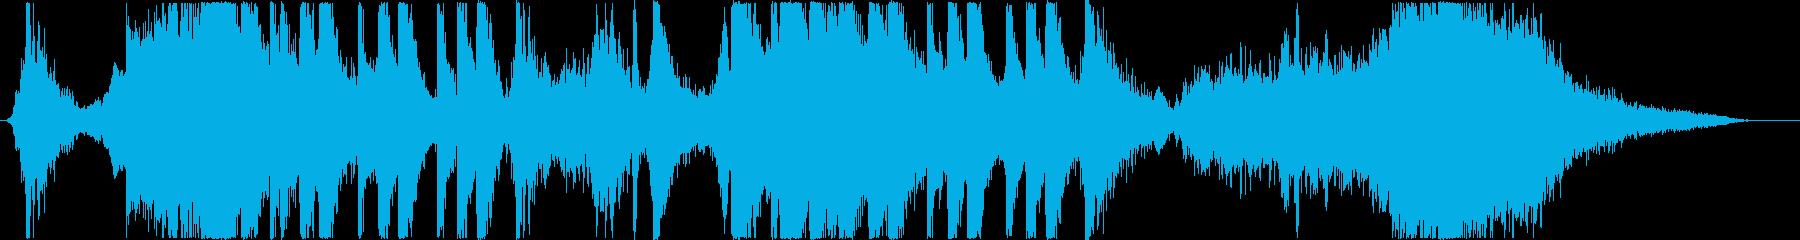 トレーラー/シンセ+打楽器*奇妙・不思議の再生済みの波形